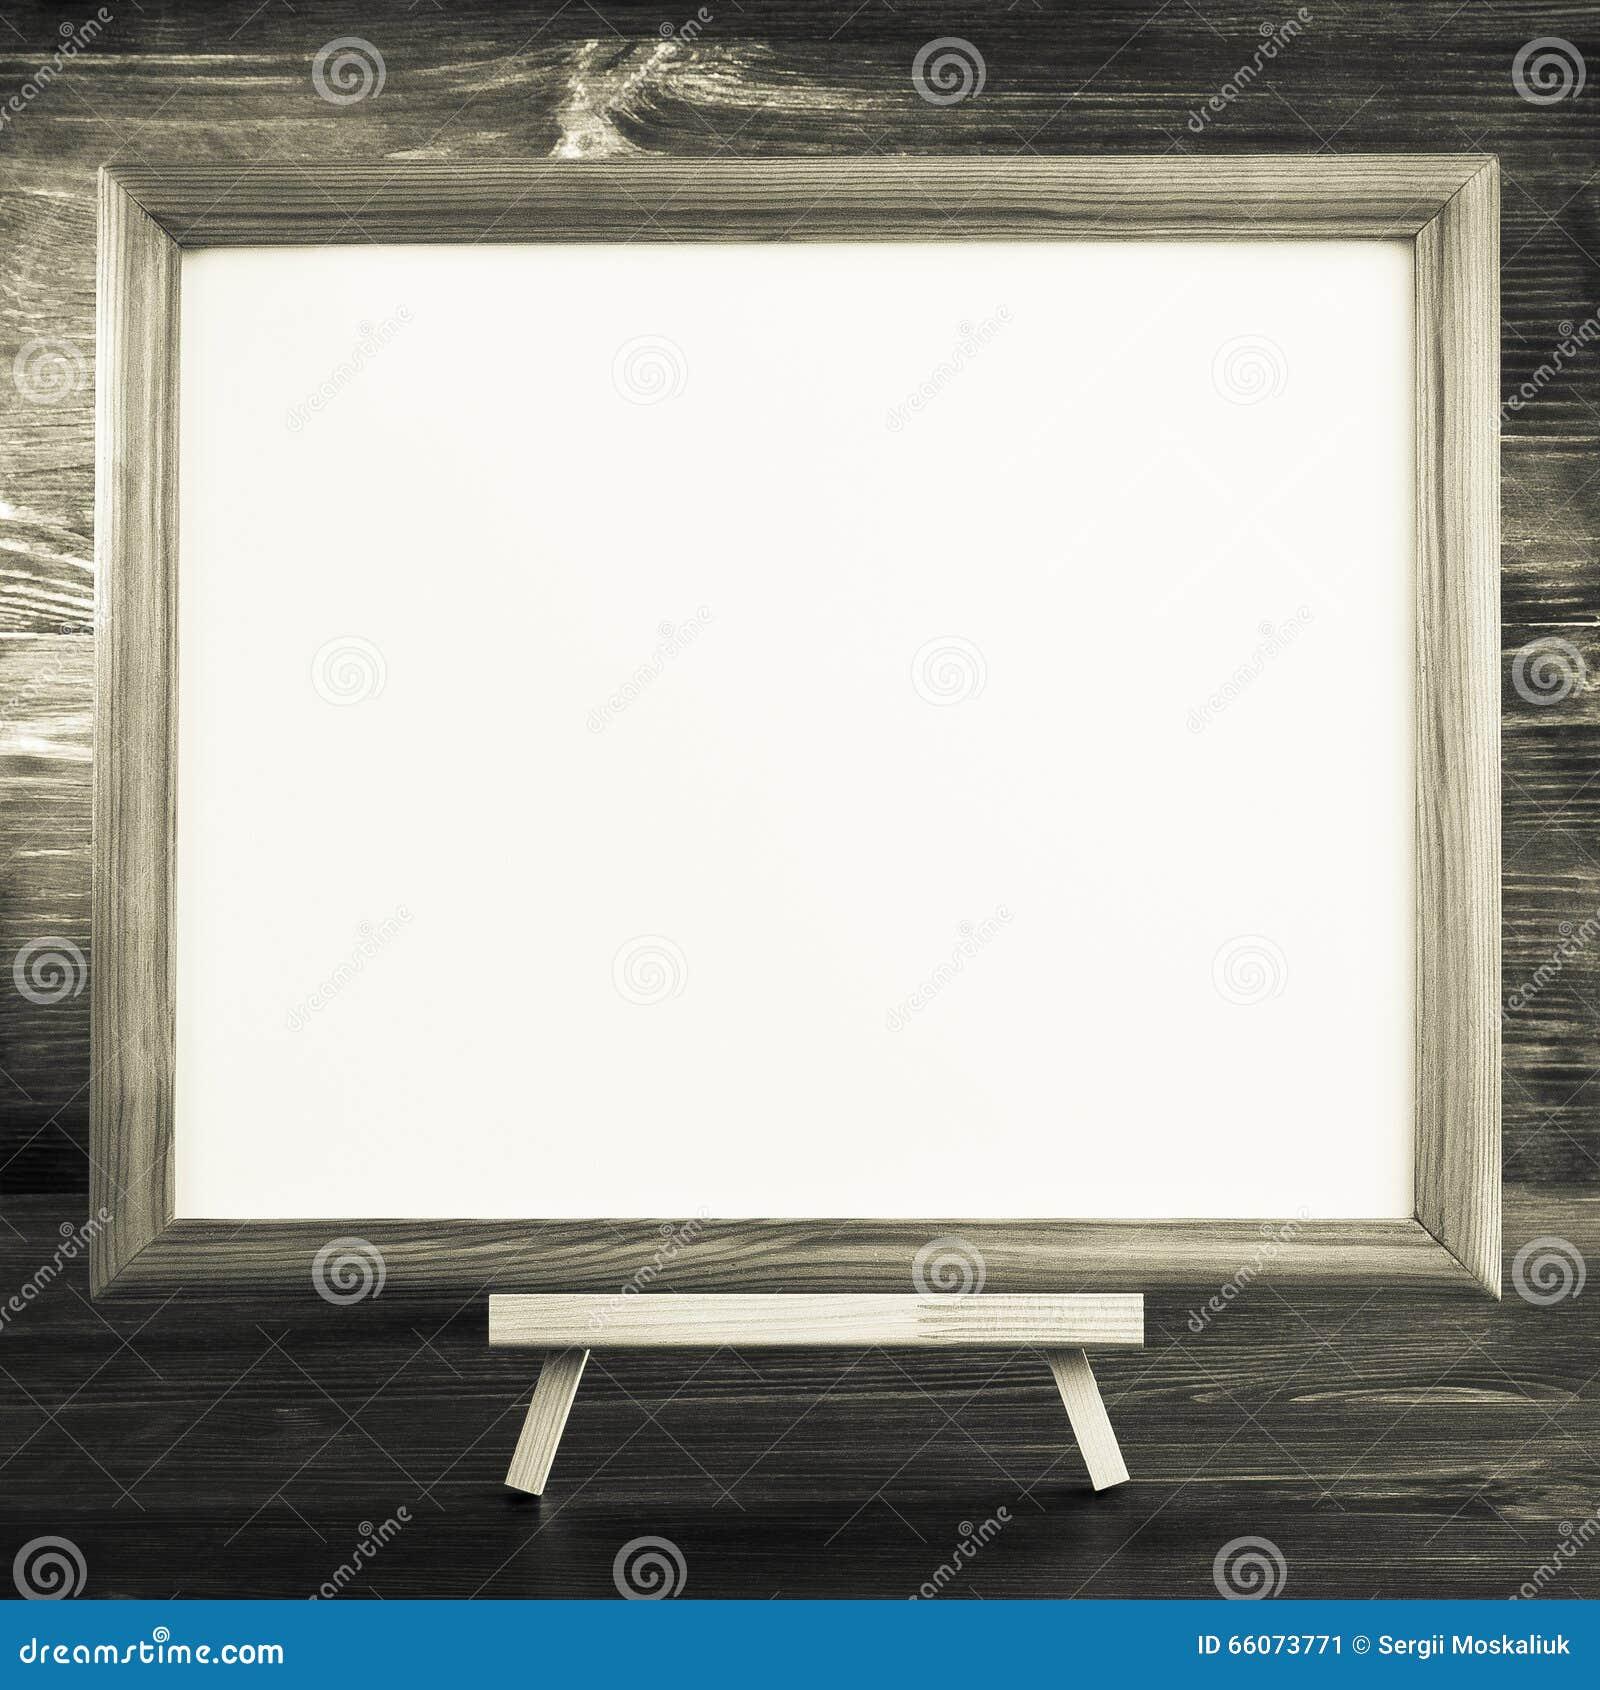 Malen Sie Rahmen Auf Holz Stockbild Bild Von Foto Feld 66073771